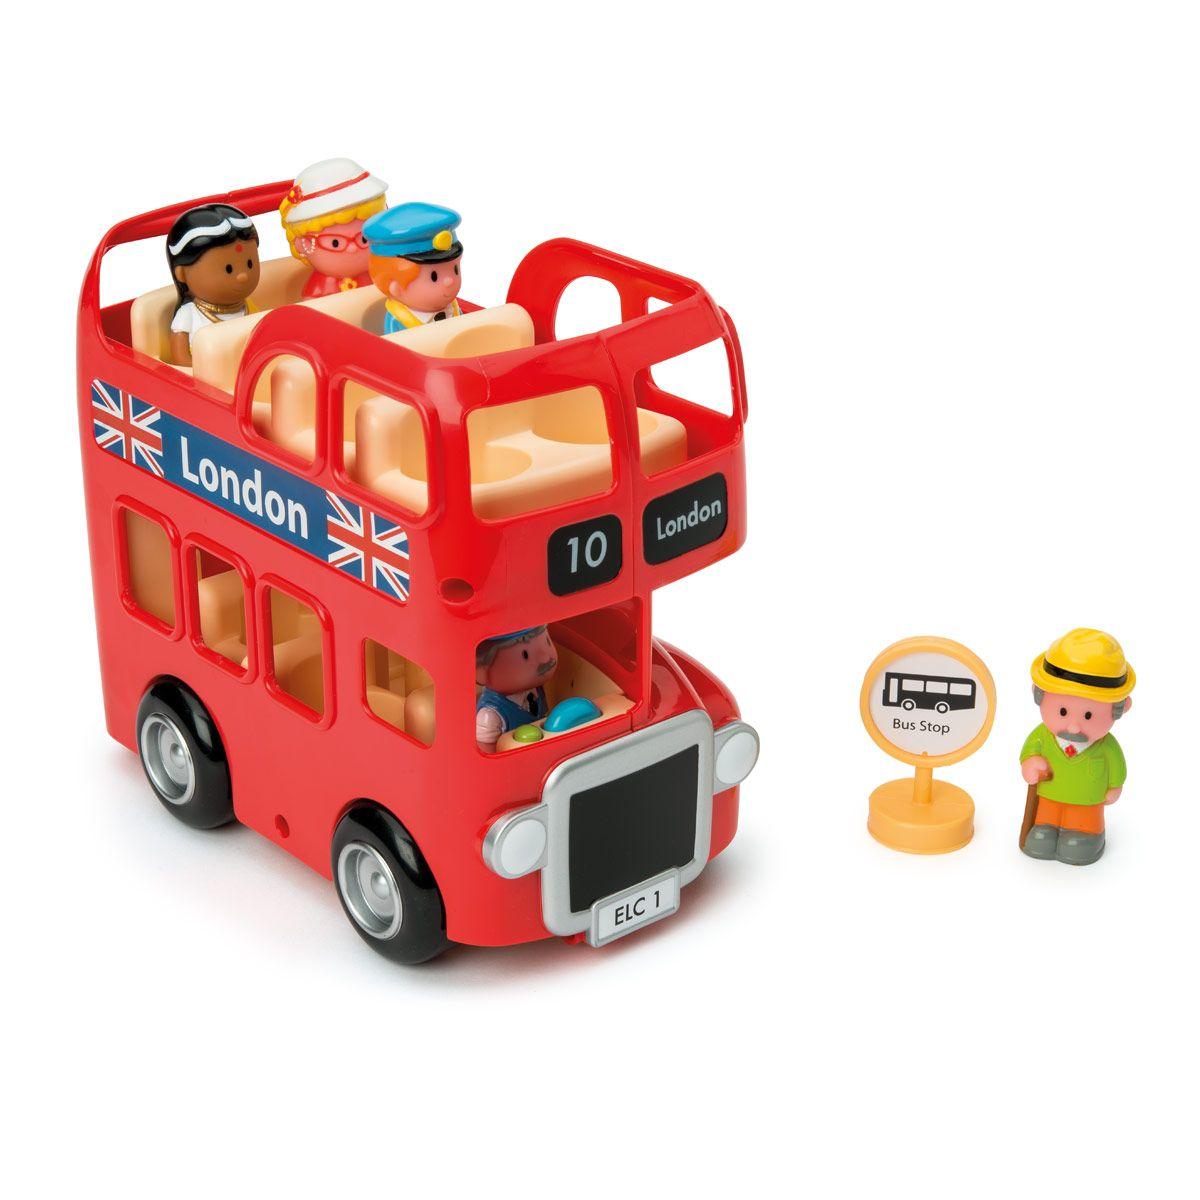 Londonien De Happyland Oxybul Pour Création 18 Bus Imagibul Enfant vn0mN8w